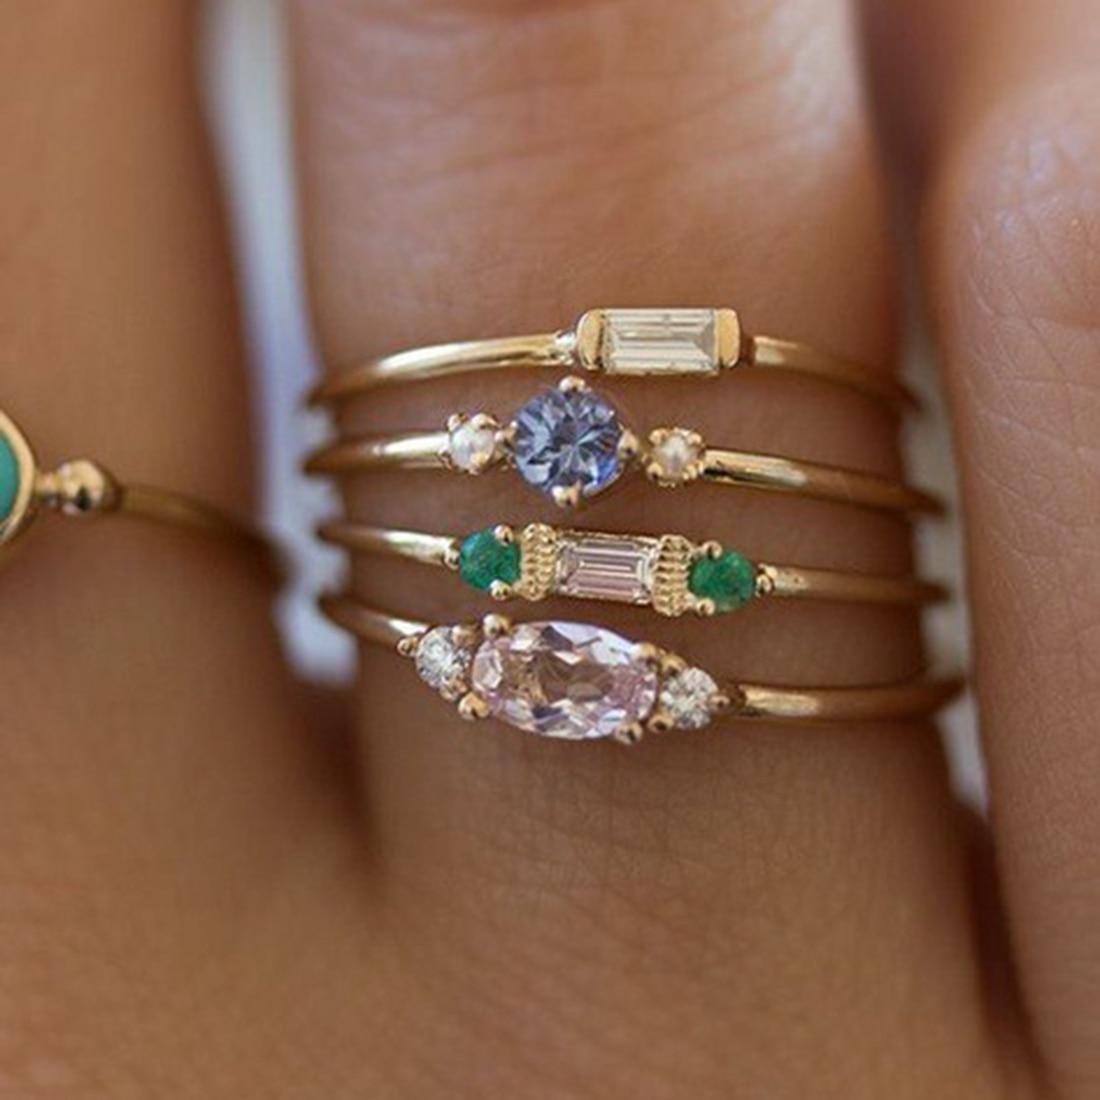 Moda 4 unids/set oro Chapado en Color Simple Boho anillos mujeres circón Bohemia anillos de compromiso